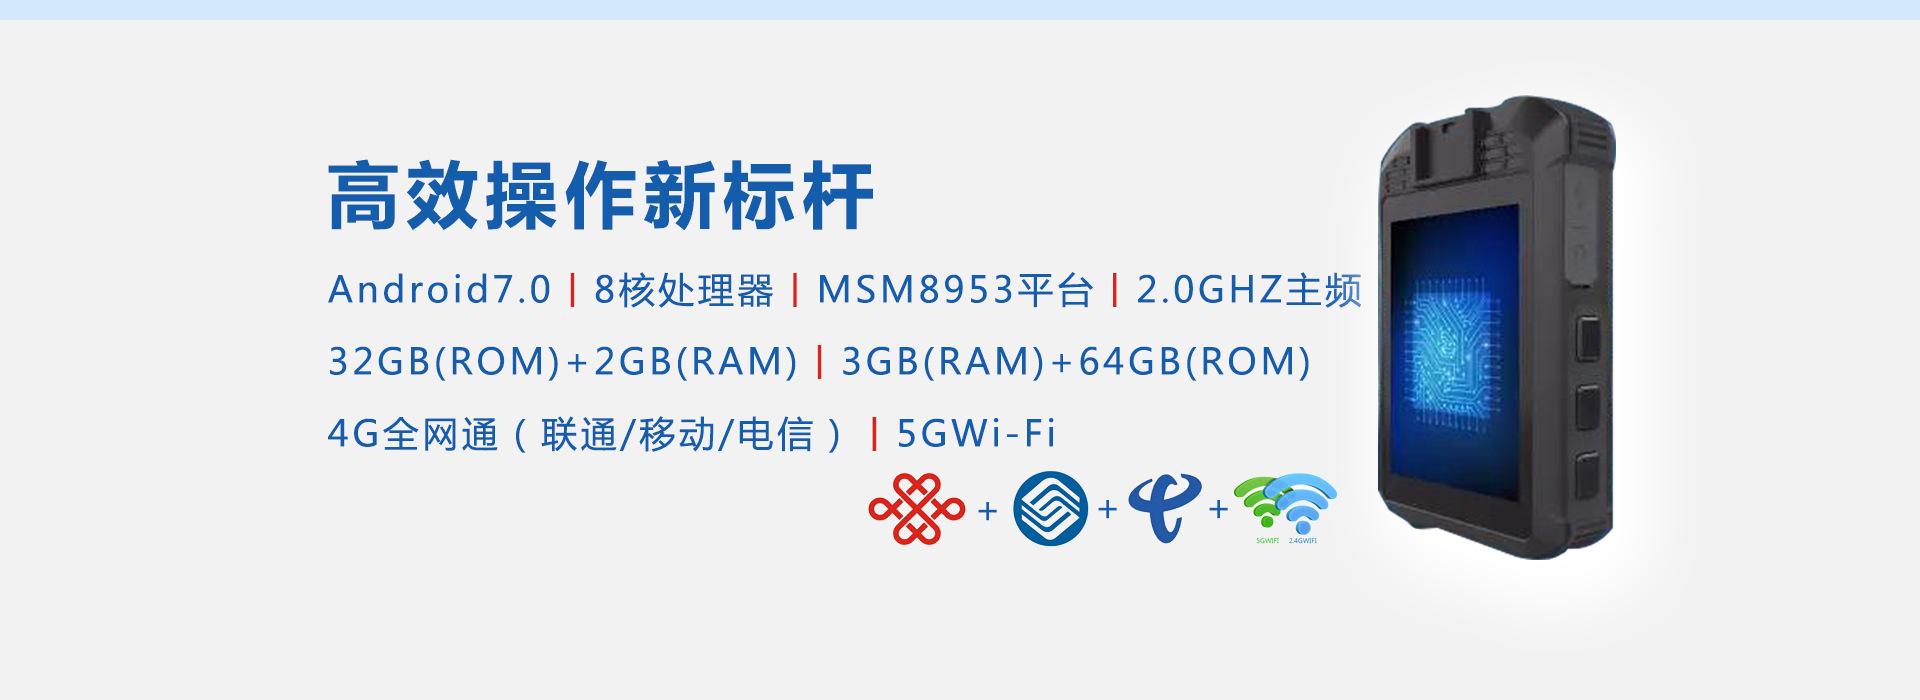 最新的操作系统和最高硬件配置.jpg